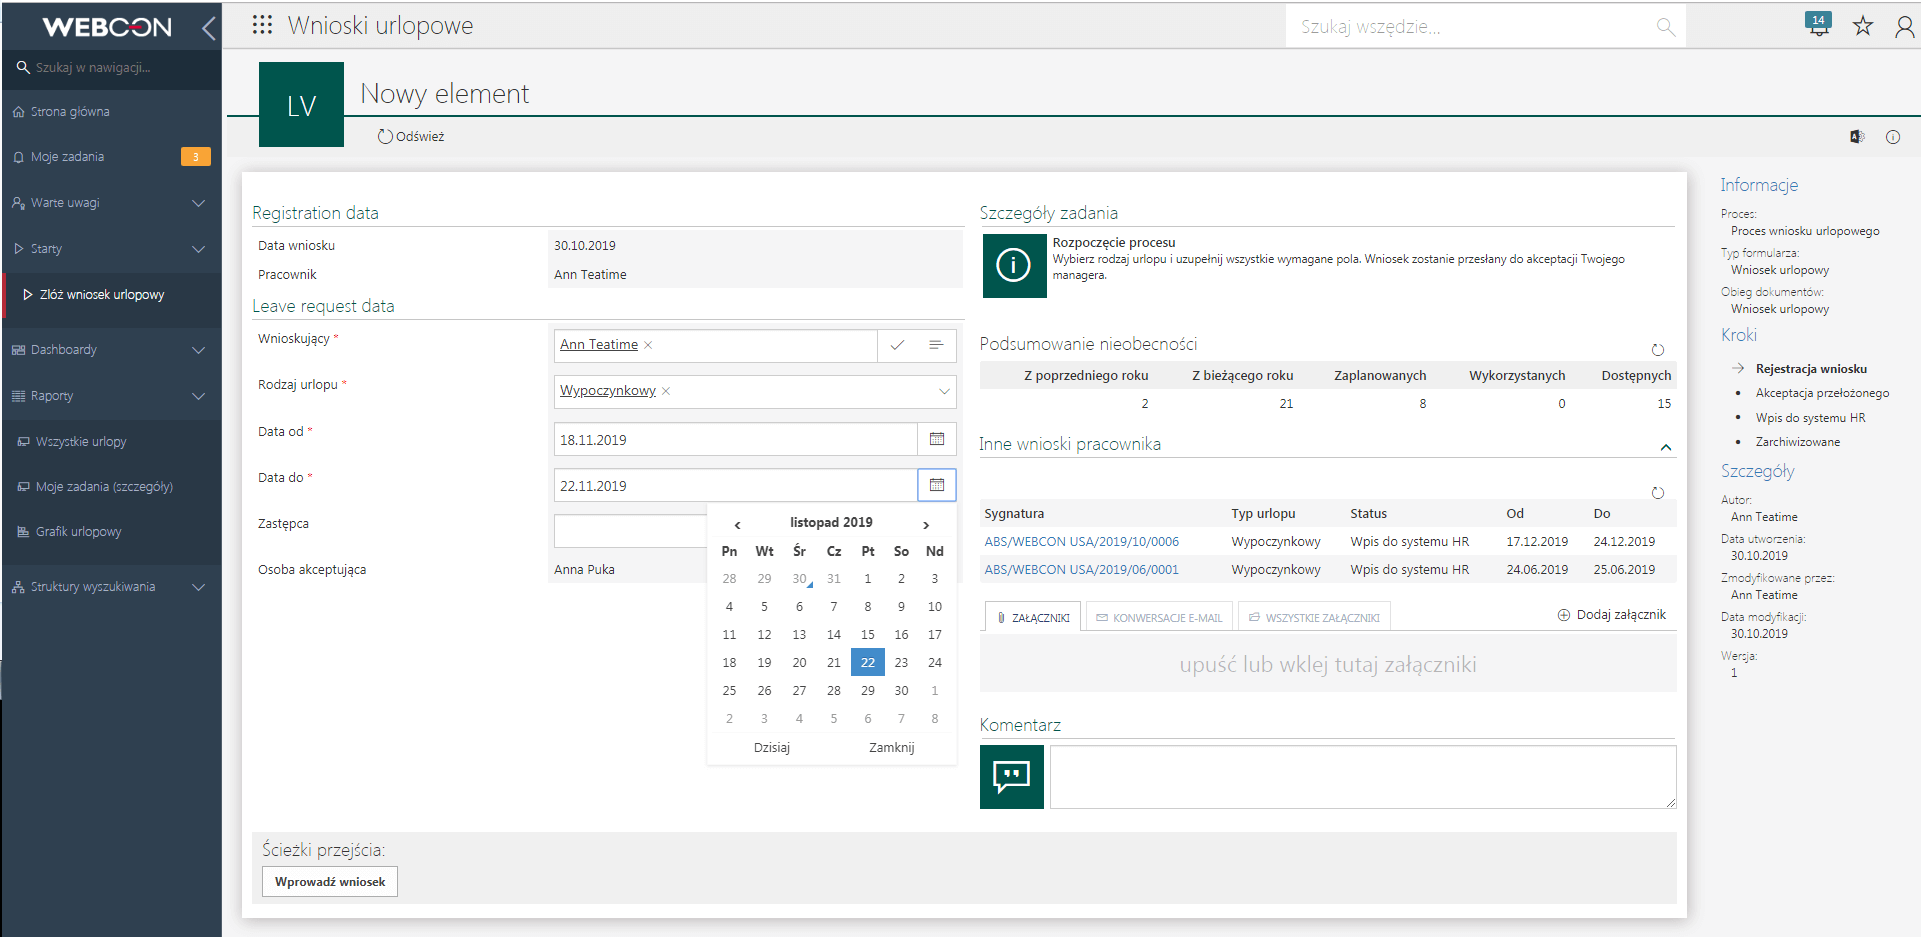 Rejestracja wniosków urlopowych w WEBCON BPS